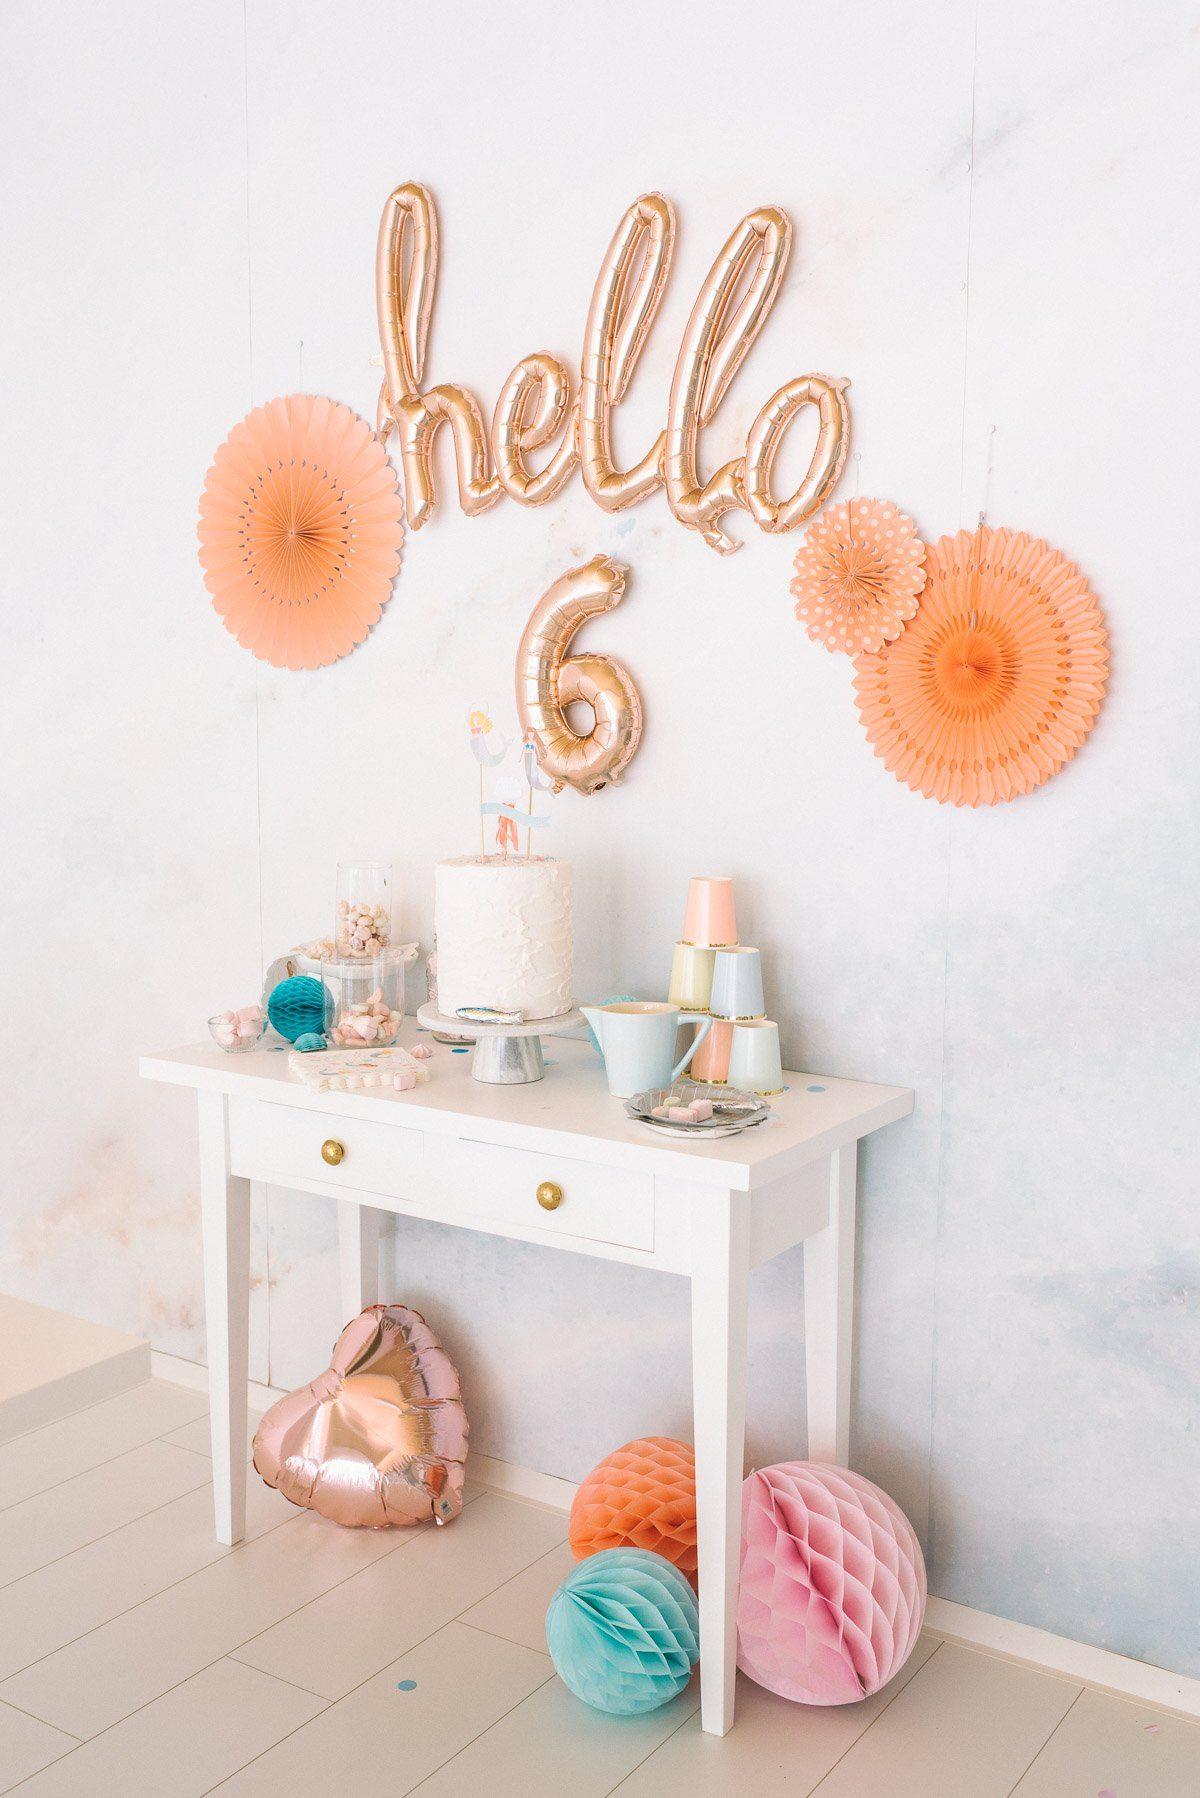 hello script ballon rosegold